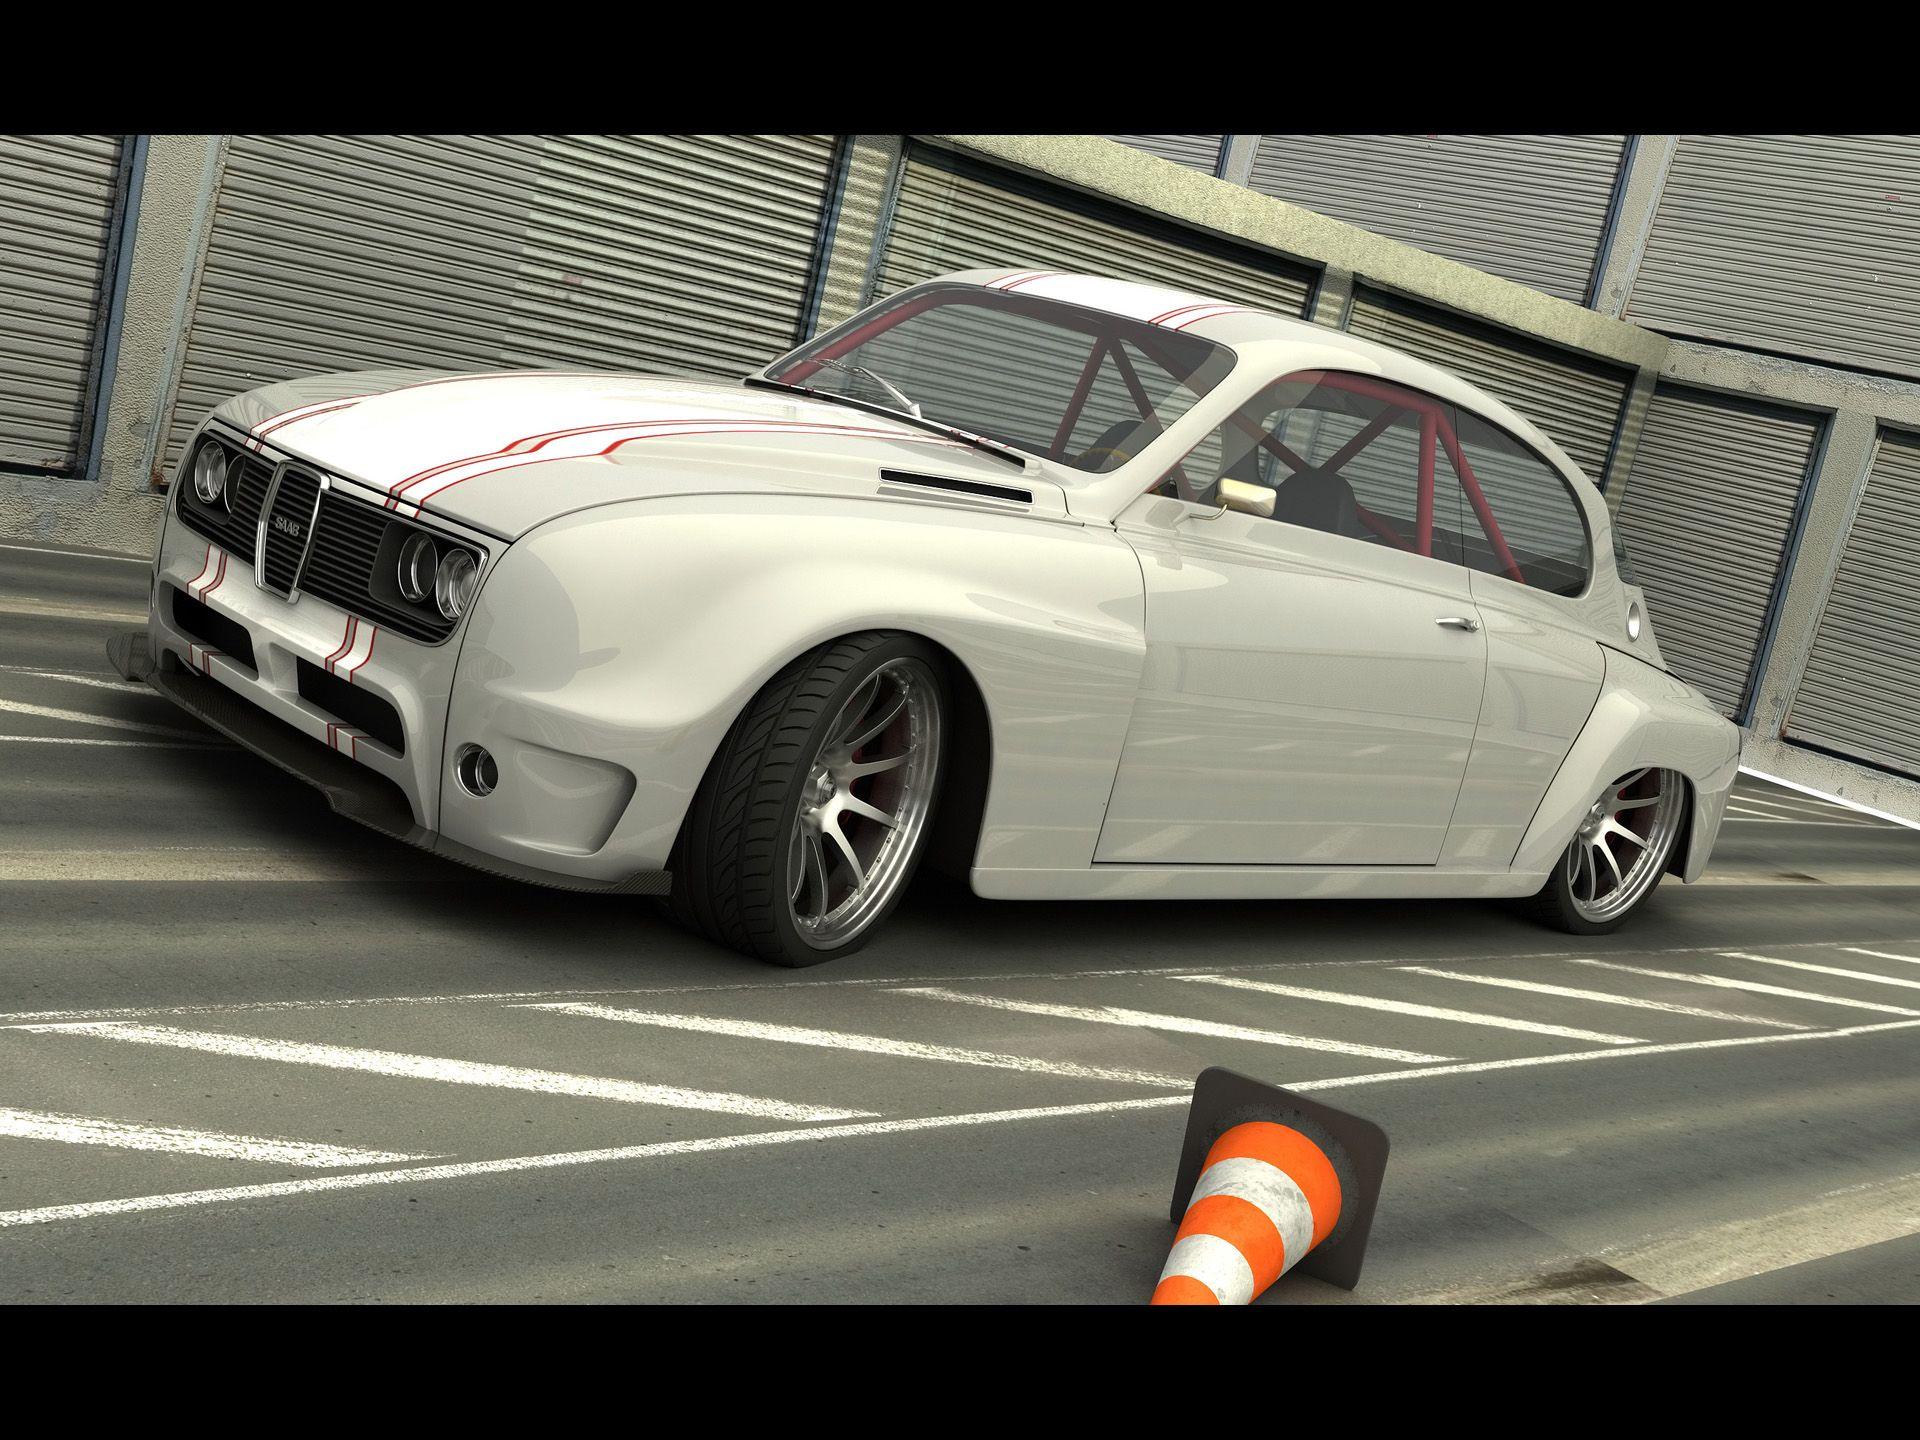 2010 Saab Custom 1968 By Vizualtech White 1920x1440 Wallpaper Saab Automobile Saab Retro Cars